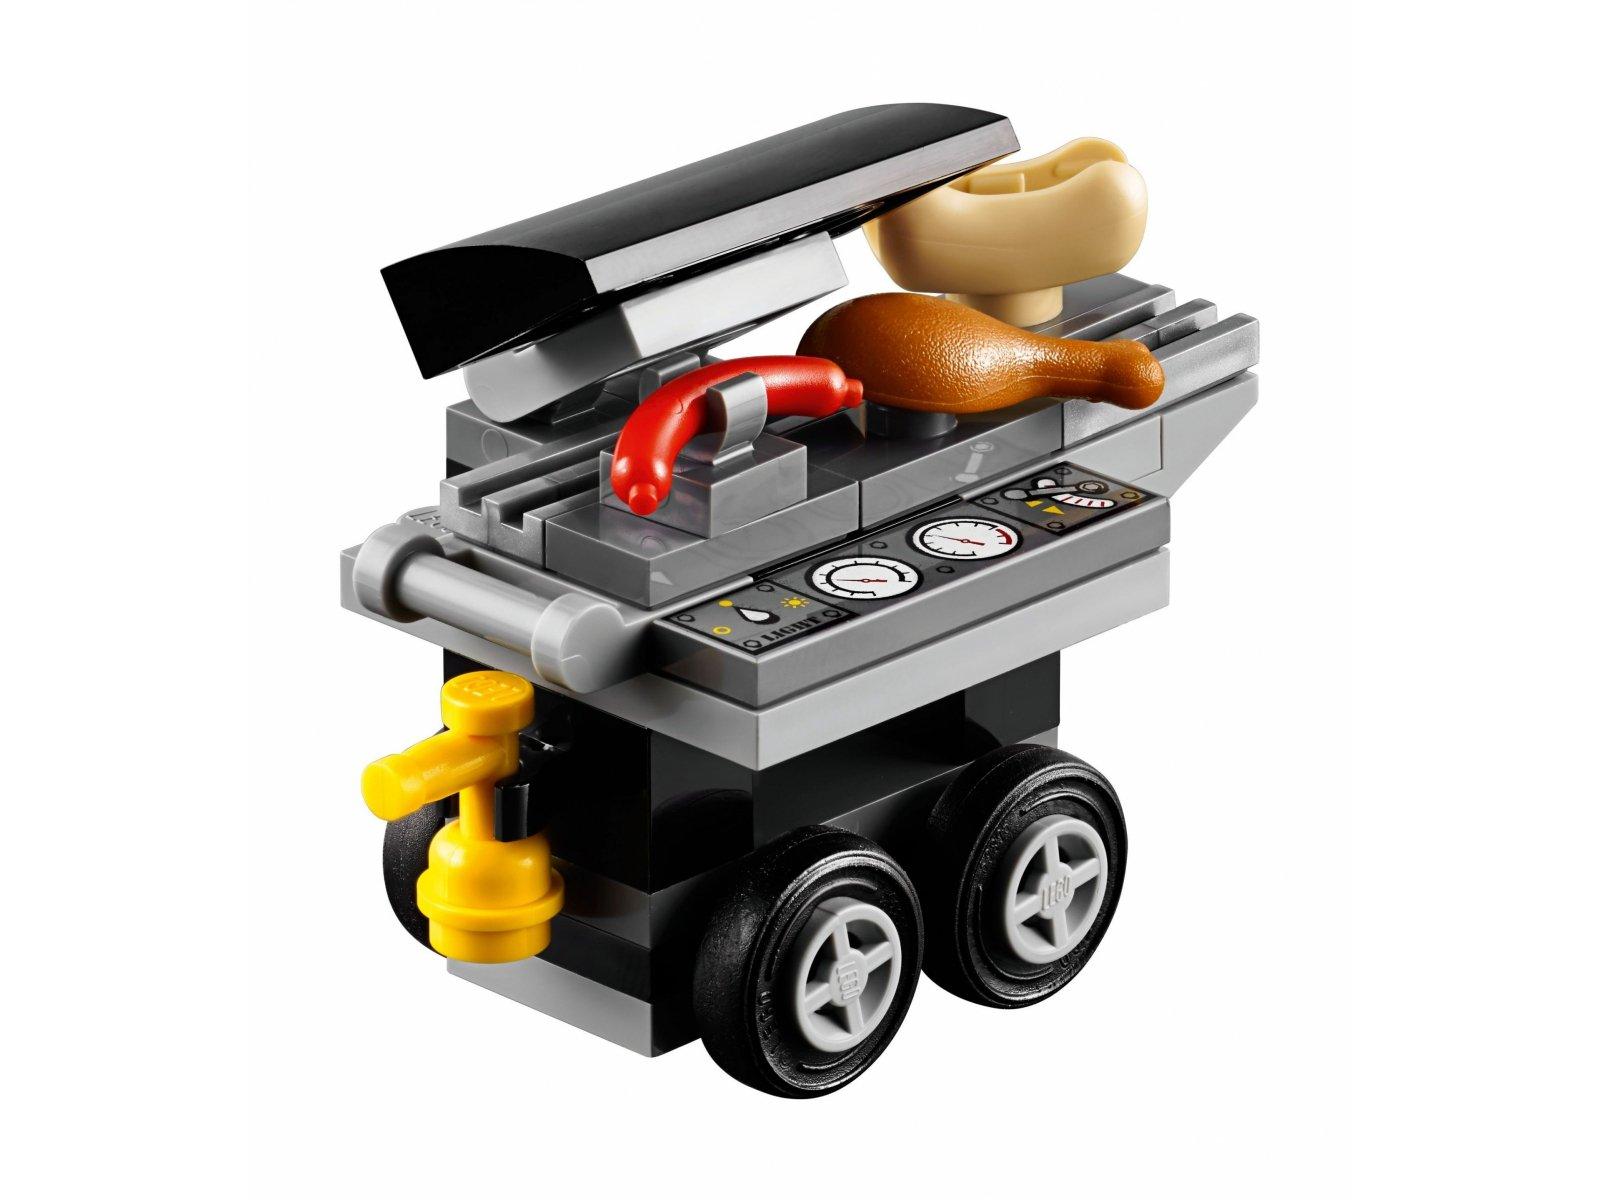 LEGO 40282 Grill